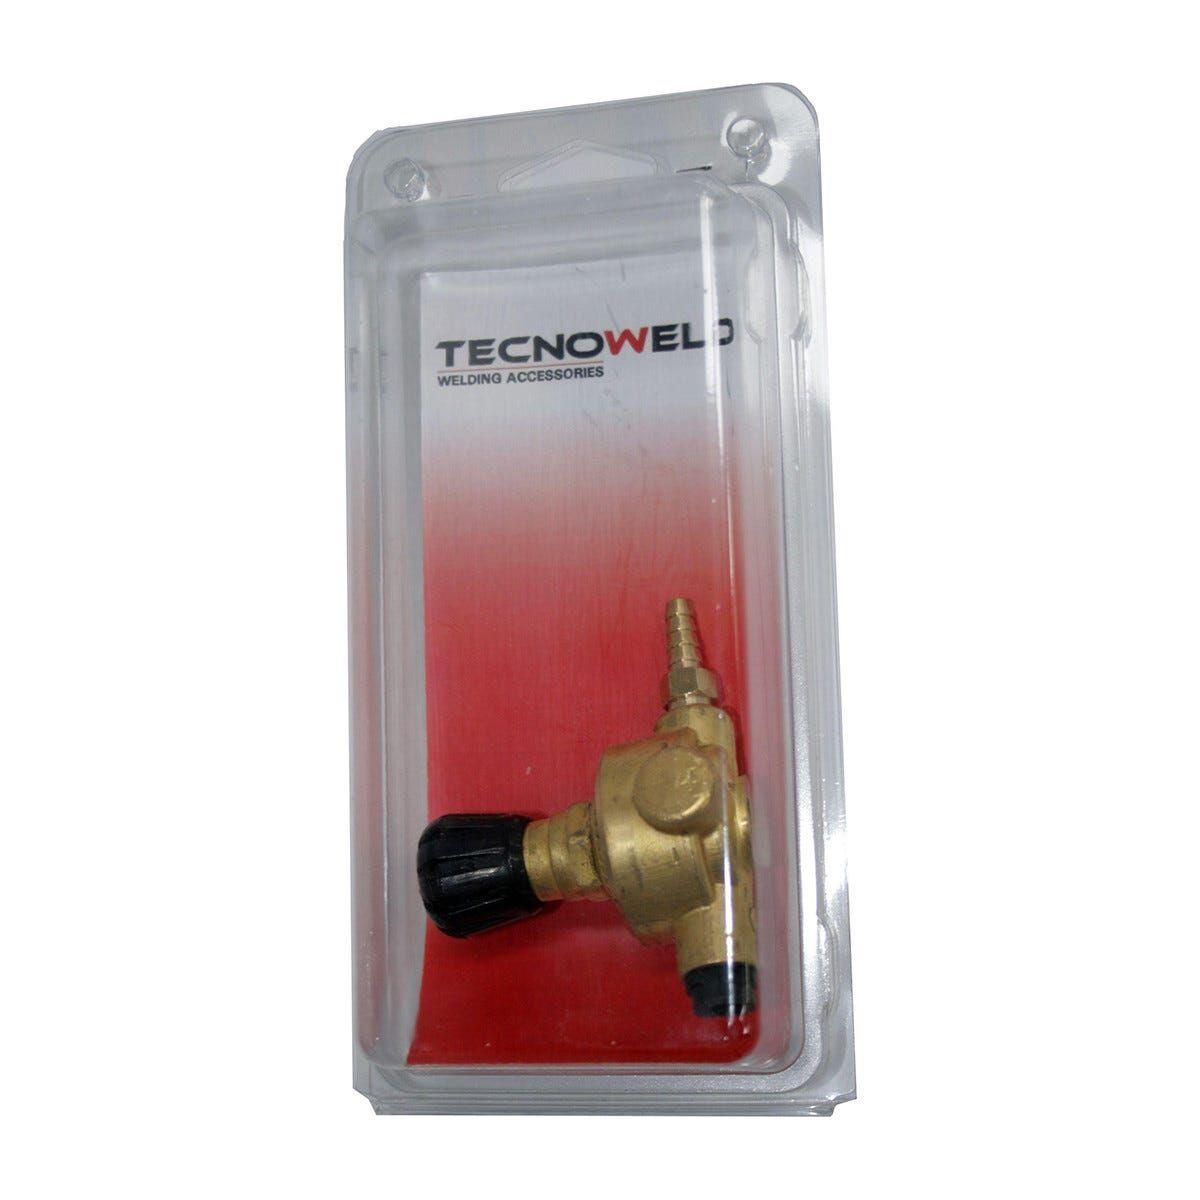 tecnoweld riduttore pressione bombole  usa e getta